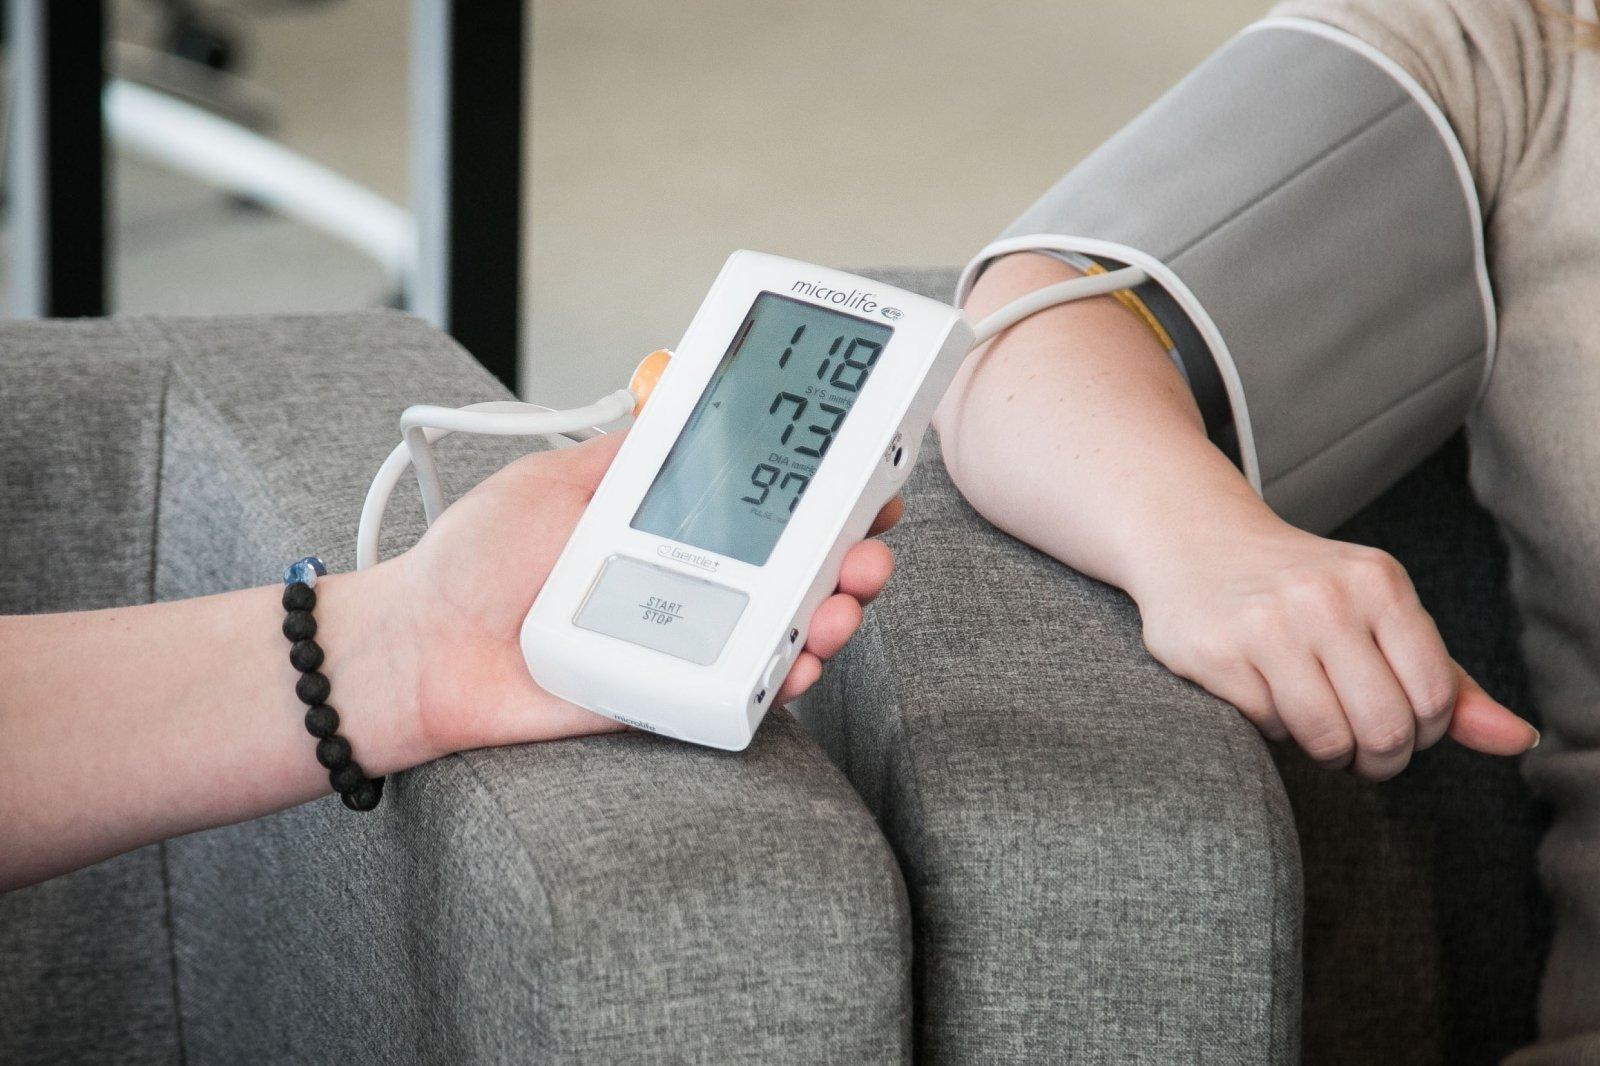 sergate hipertenzija ar galite gerti